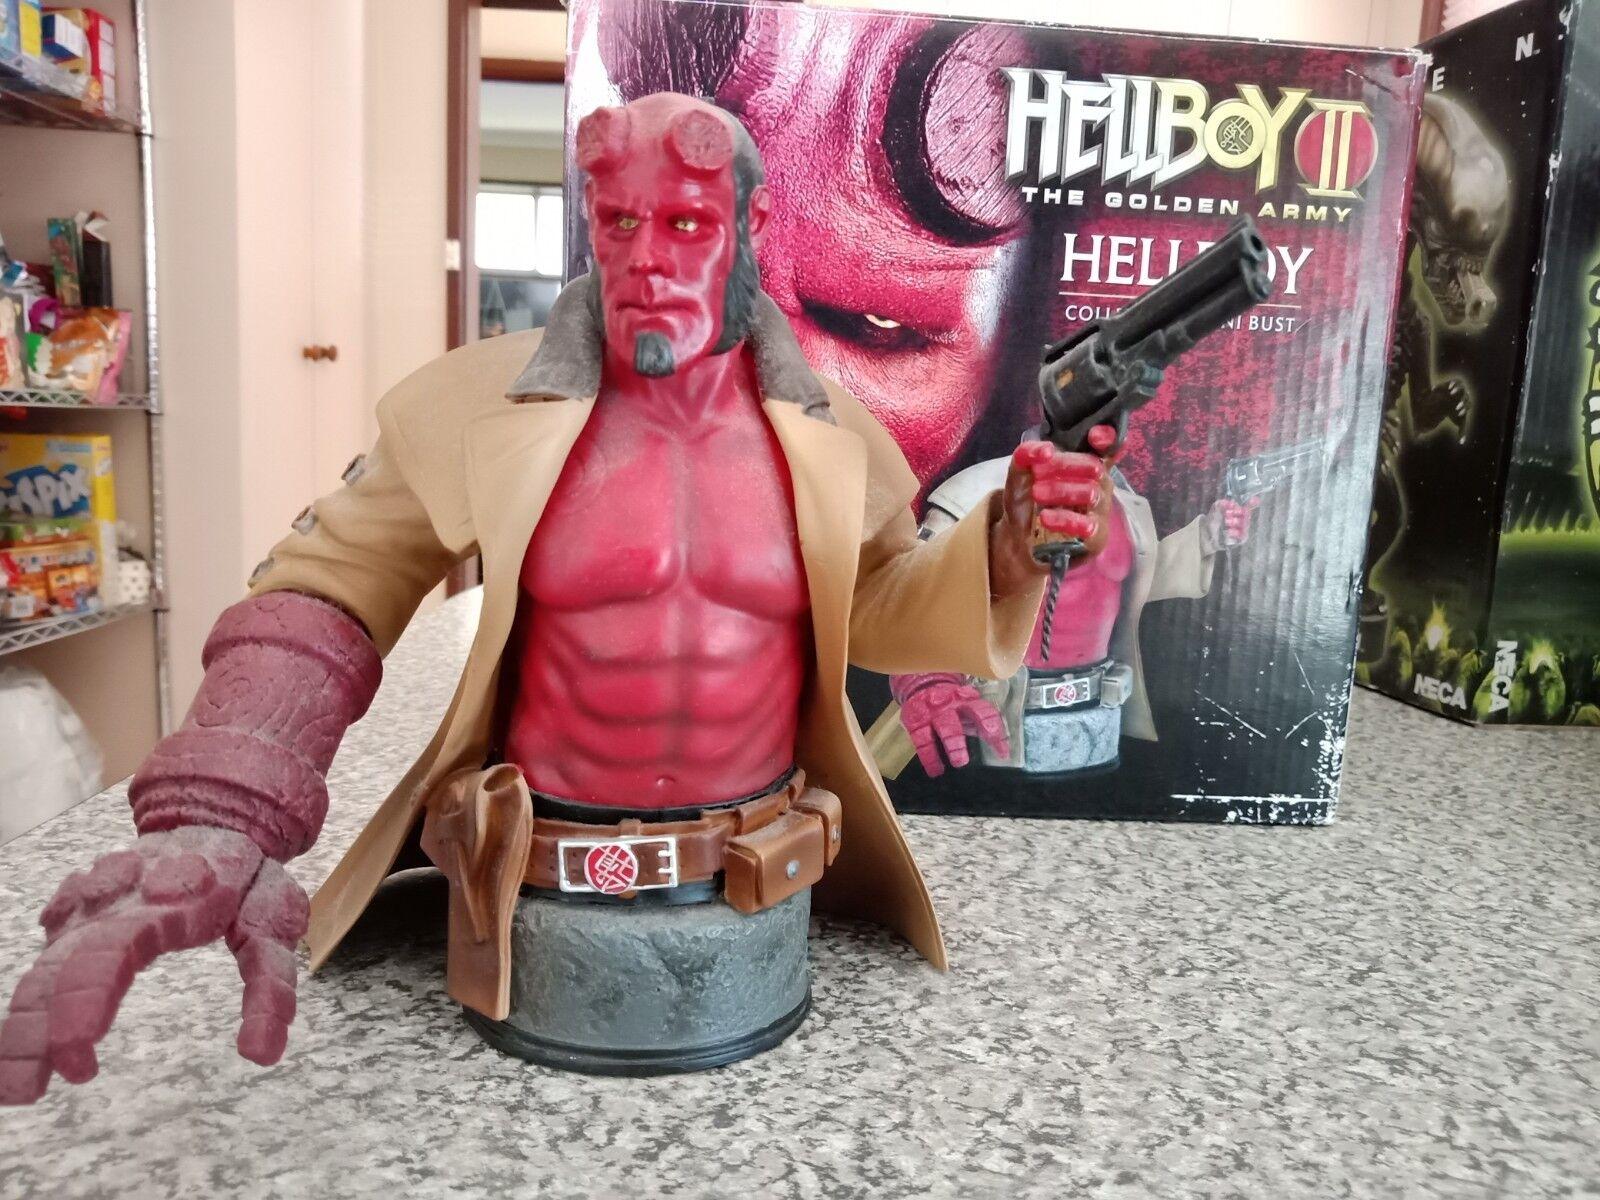 Hellboy 2 - die Goldene armee mini - pleite